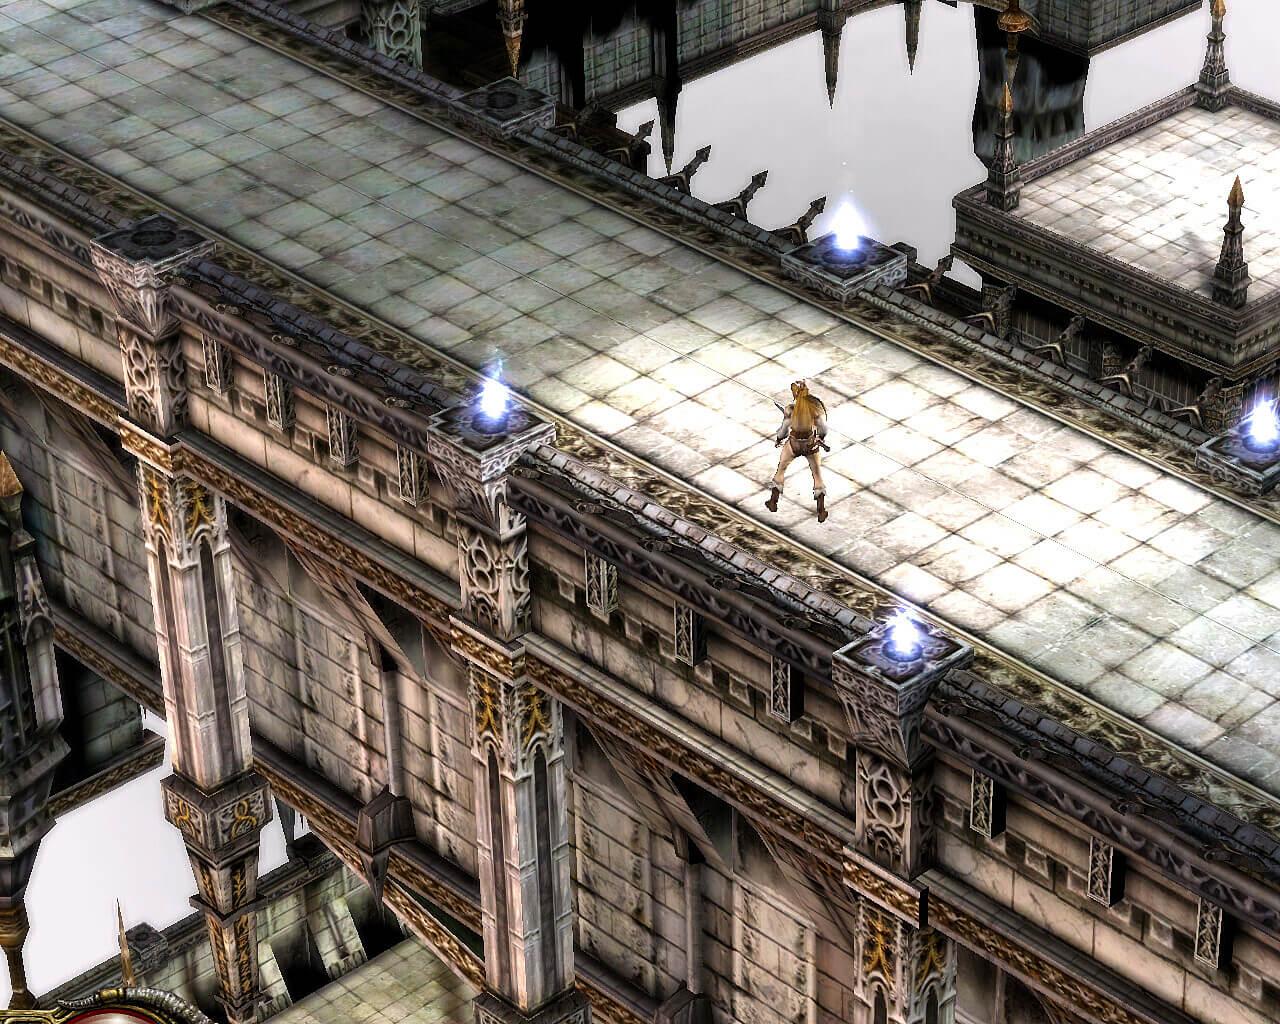 《暗黑破坏神3》早期开发版截图 看起来像《暗黑4》